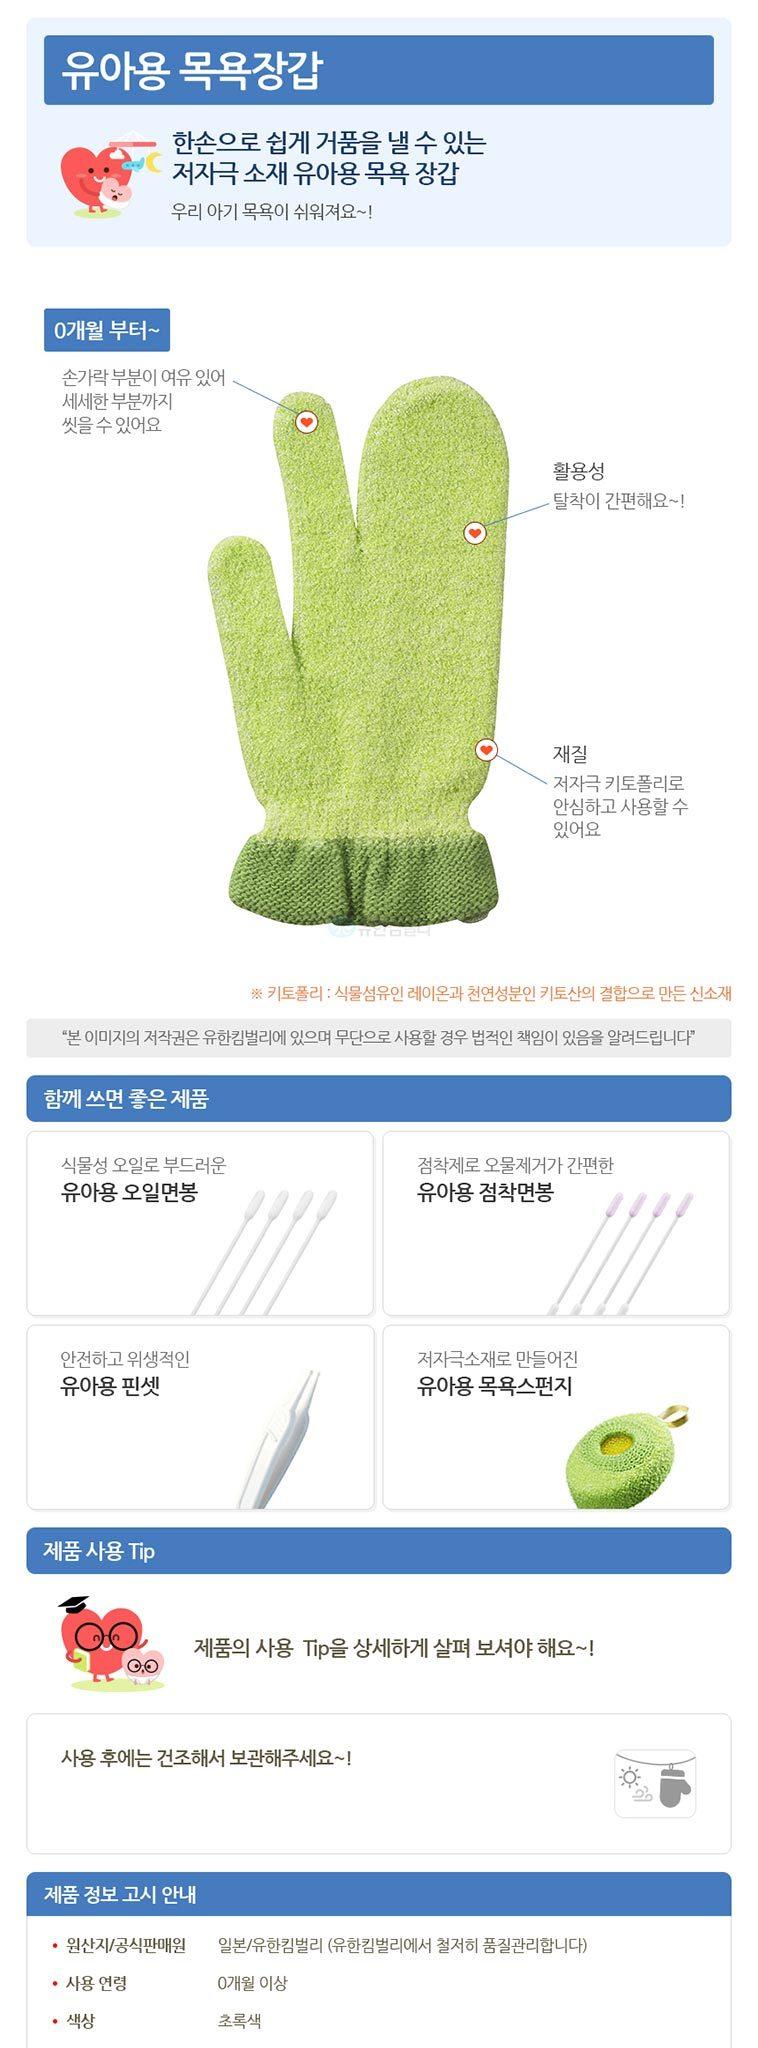 더블하트 육아용품 모음전 특가 - 상세정보